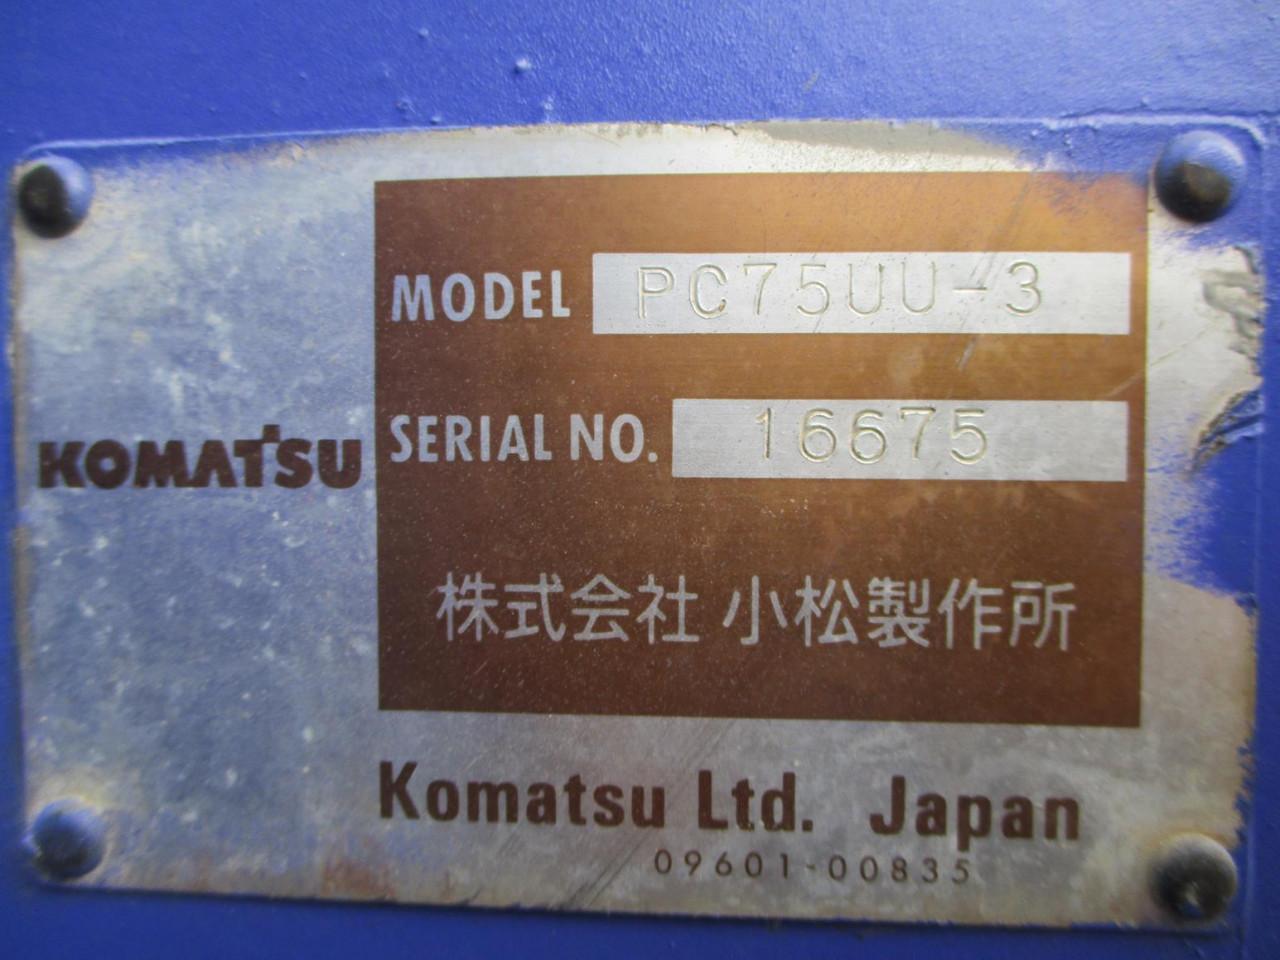 ALAT BERAT KOMATSU PC75UU-3